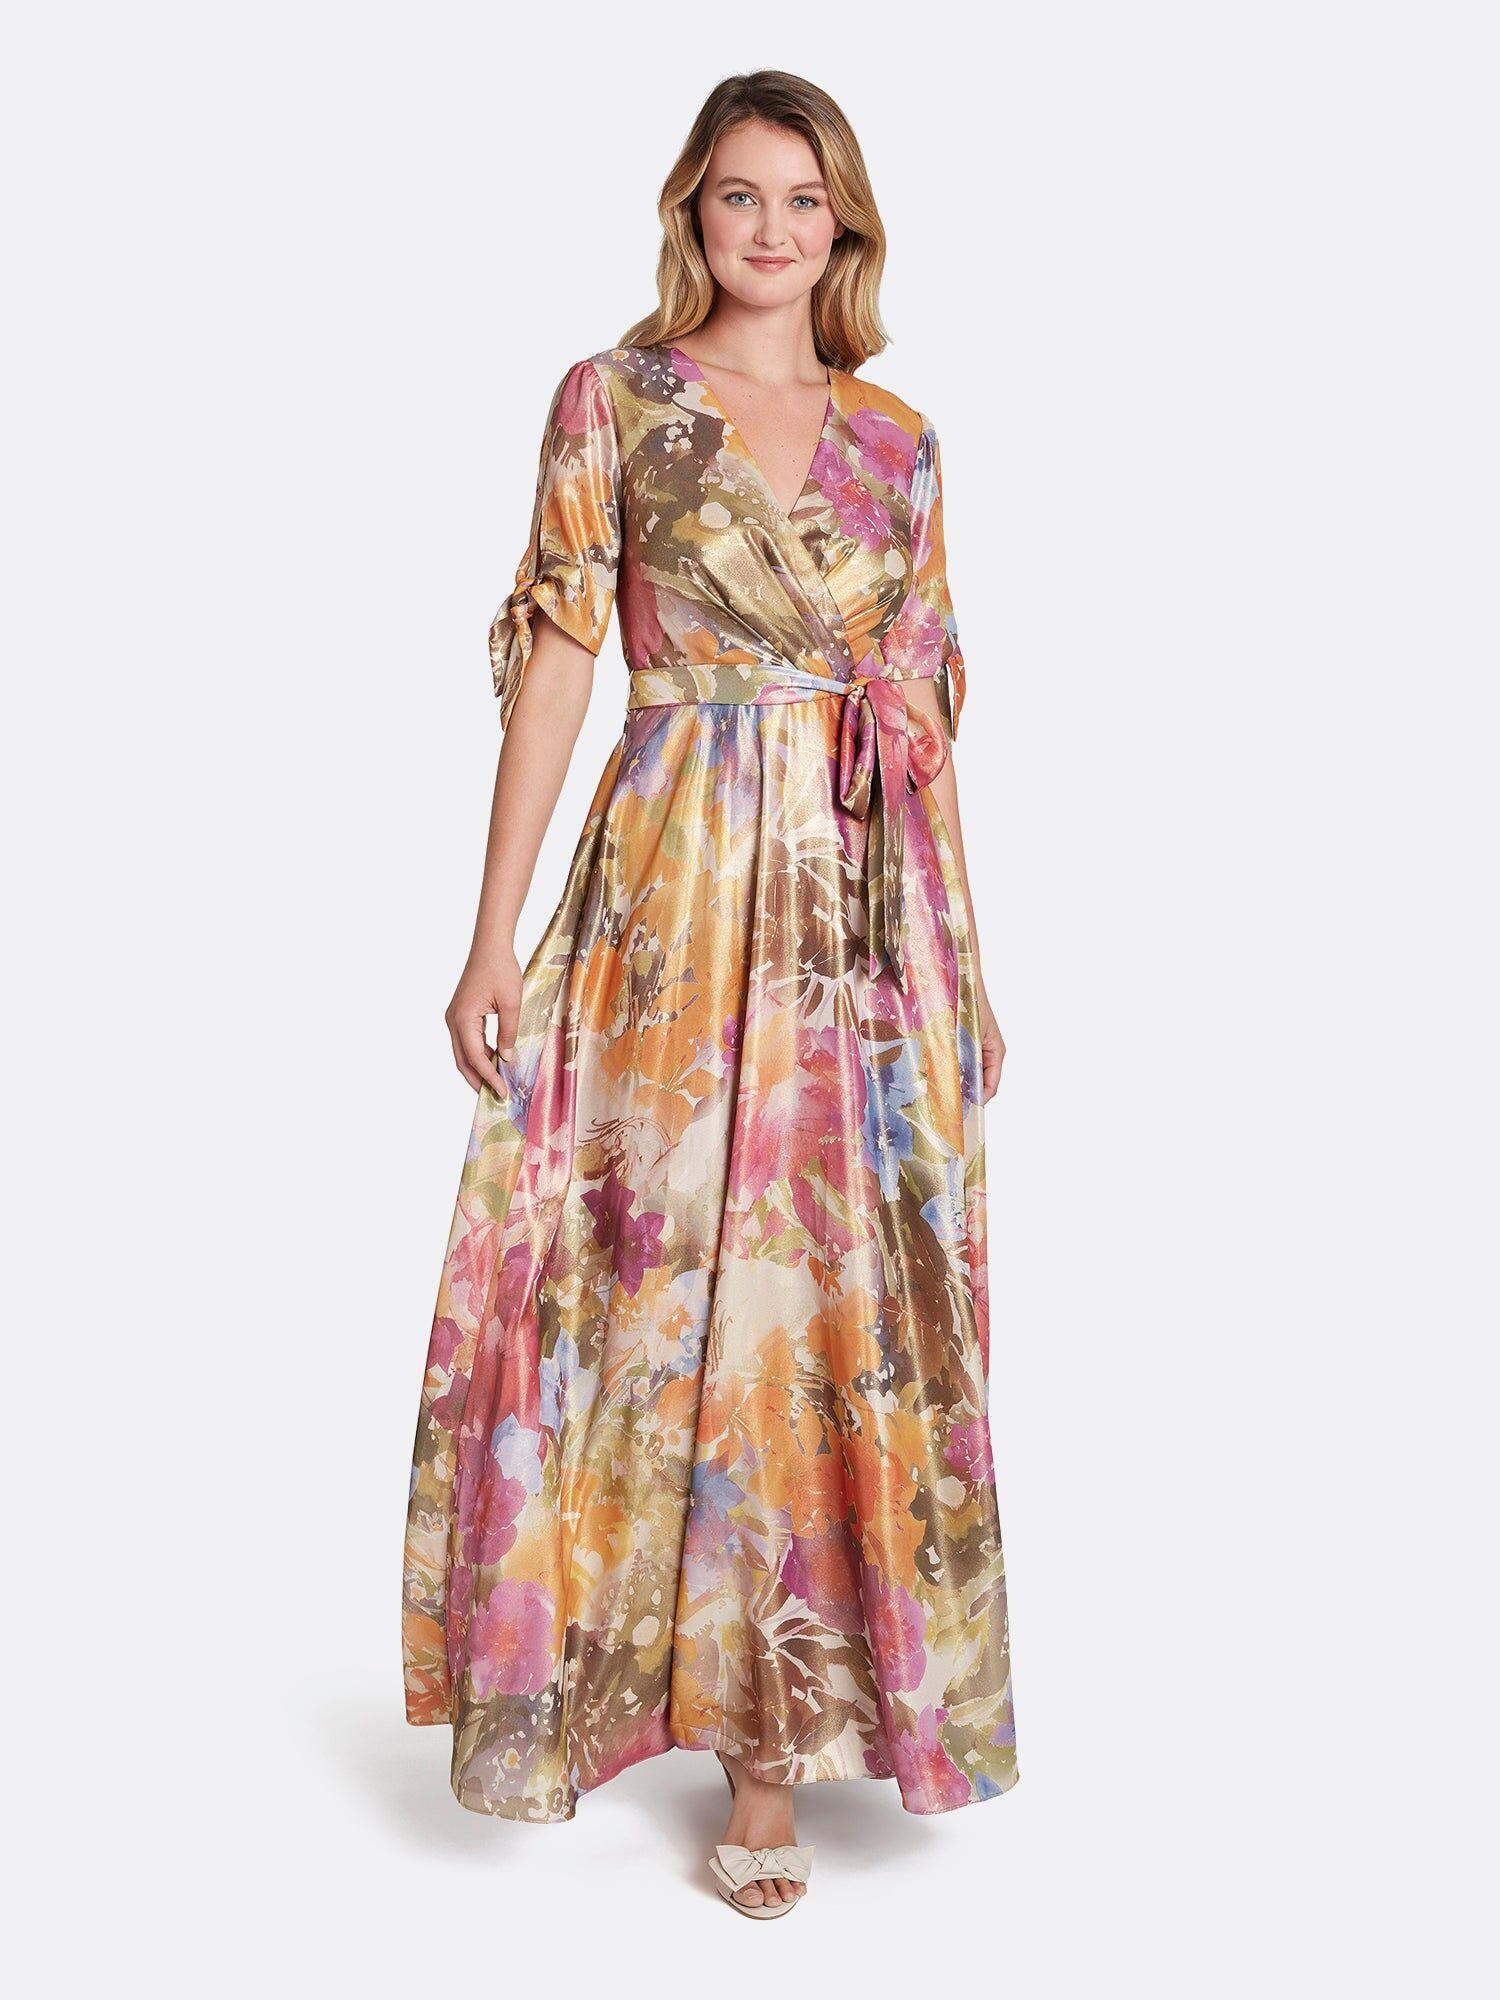 Tahari ASL Floral Tie-Sleeve Gown Wild Aster Garden Size: 8 Georgette